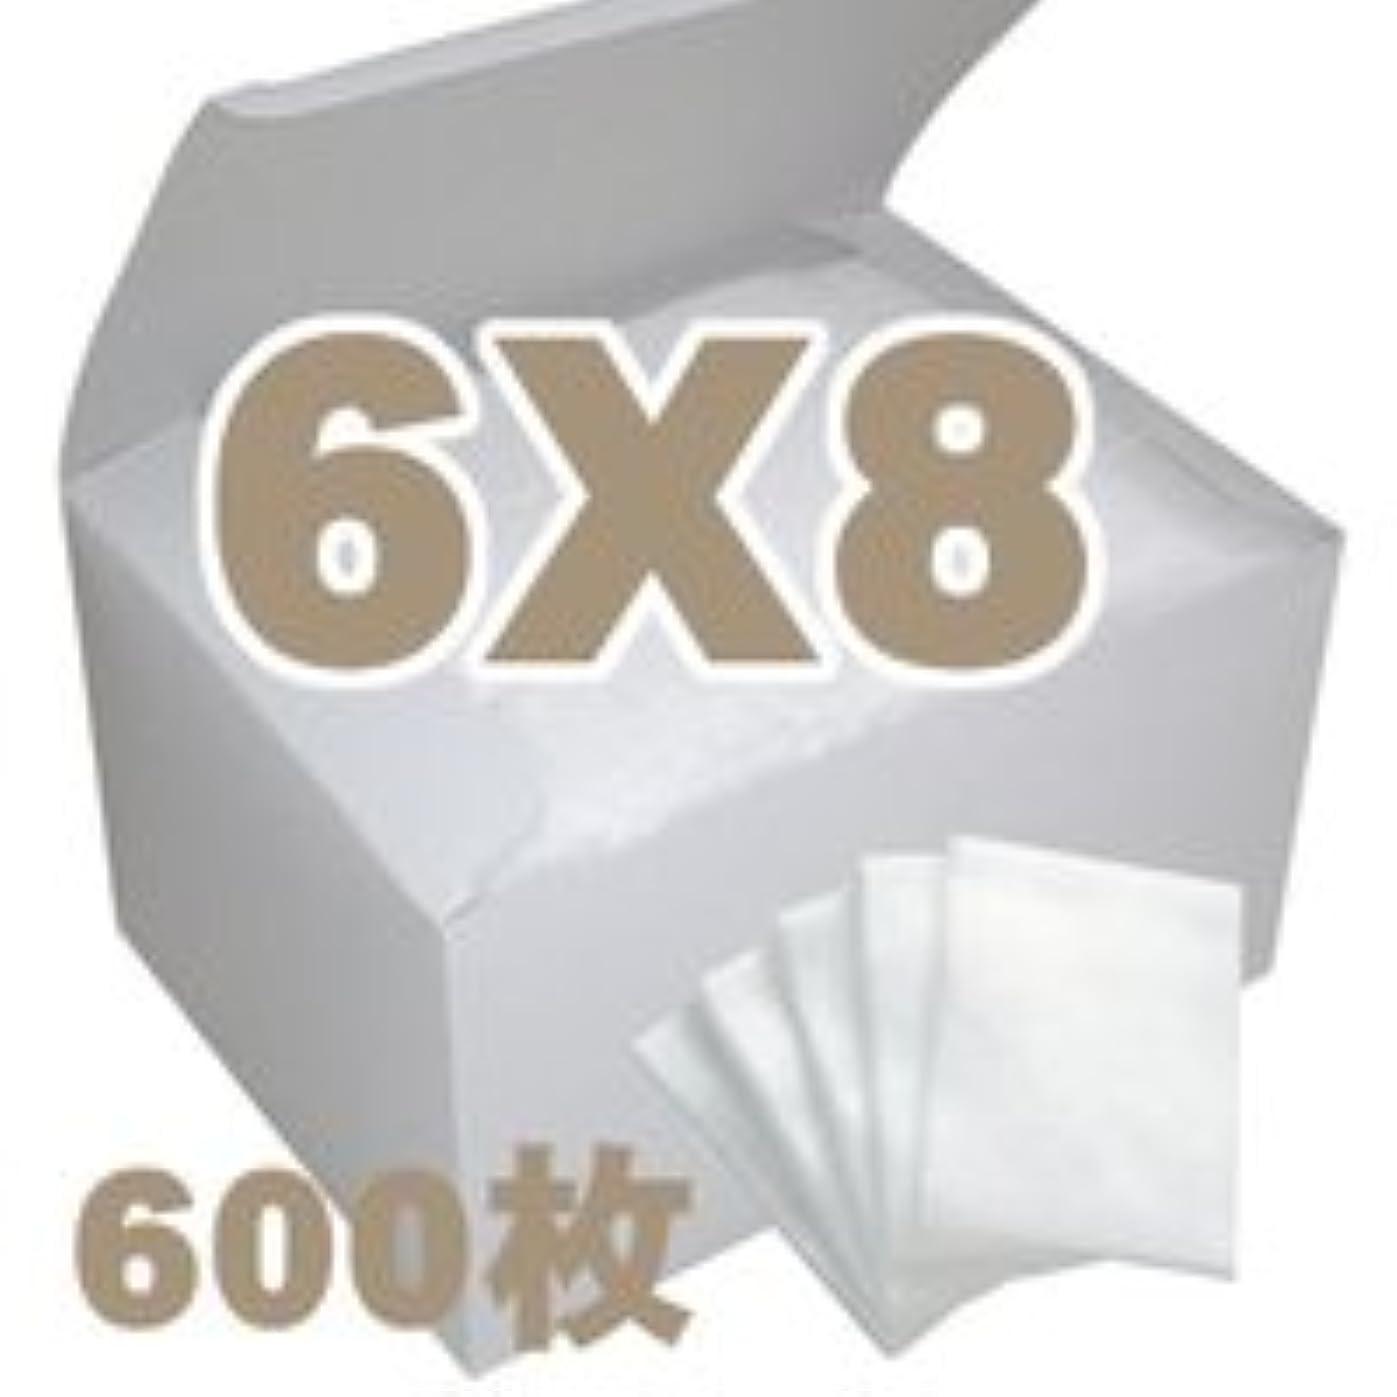 力強い角度アンティーク業務用フェイシャルコットン 6×8cm(600枚) エステ?ネイル用コットン